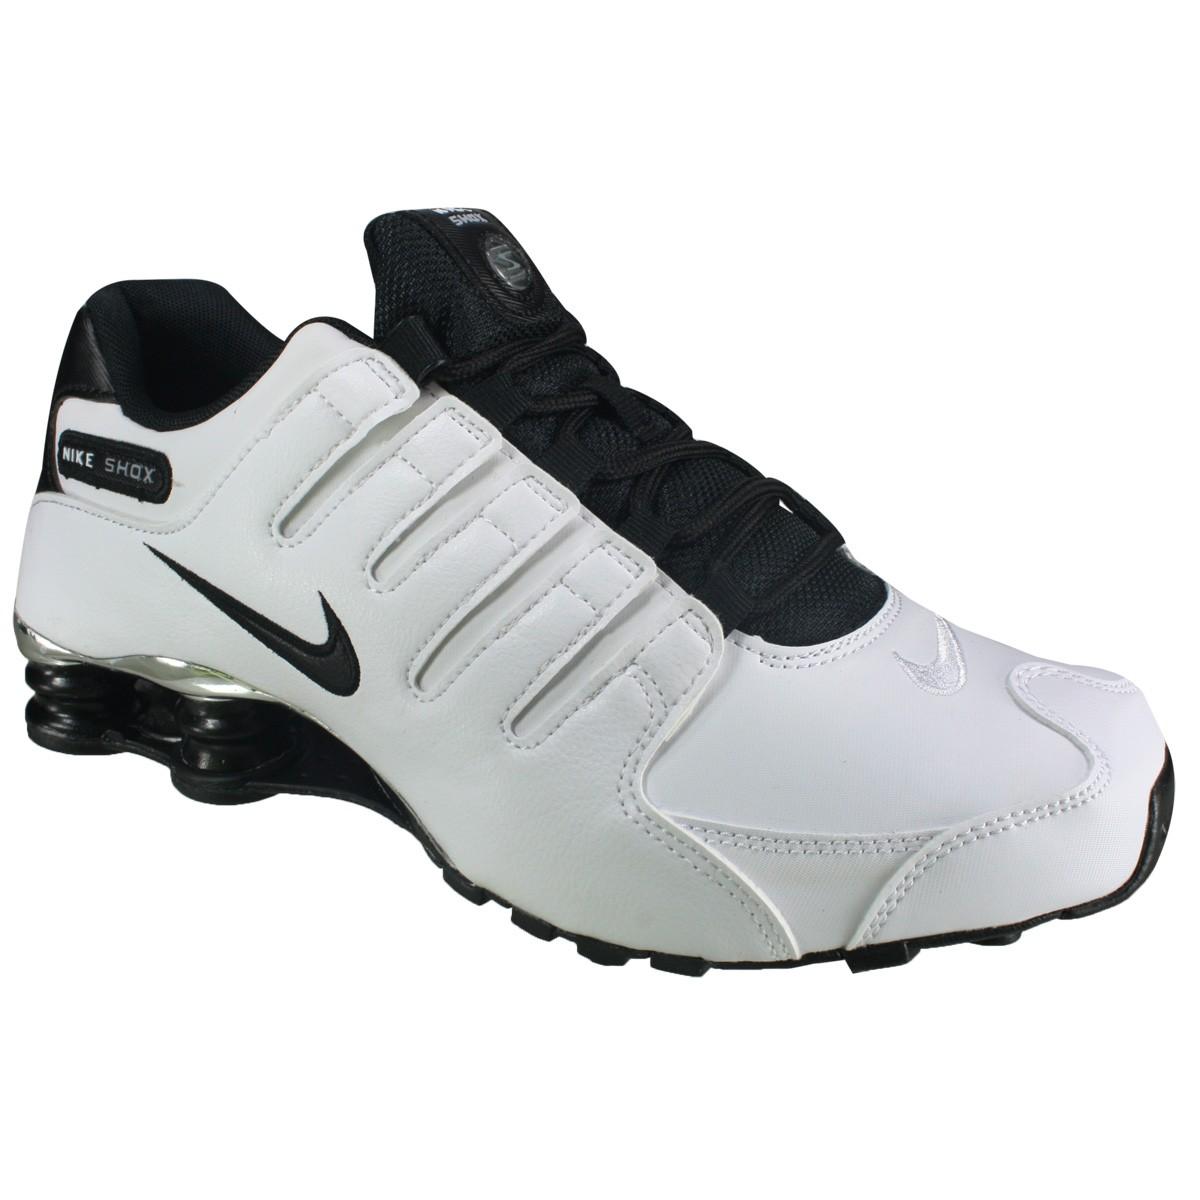 new styles 04c7d 9545d ... where to buy tênis masculino nike shox nz prm d62b1 09f5d